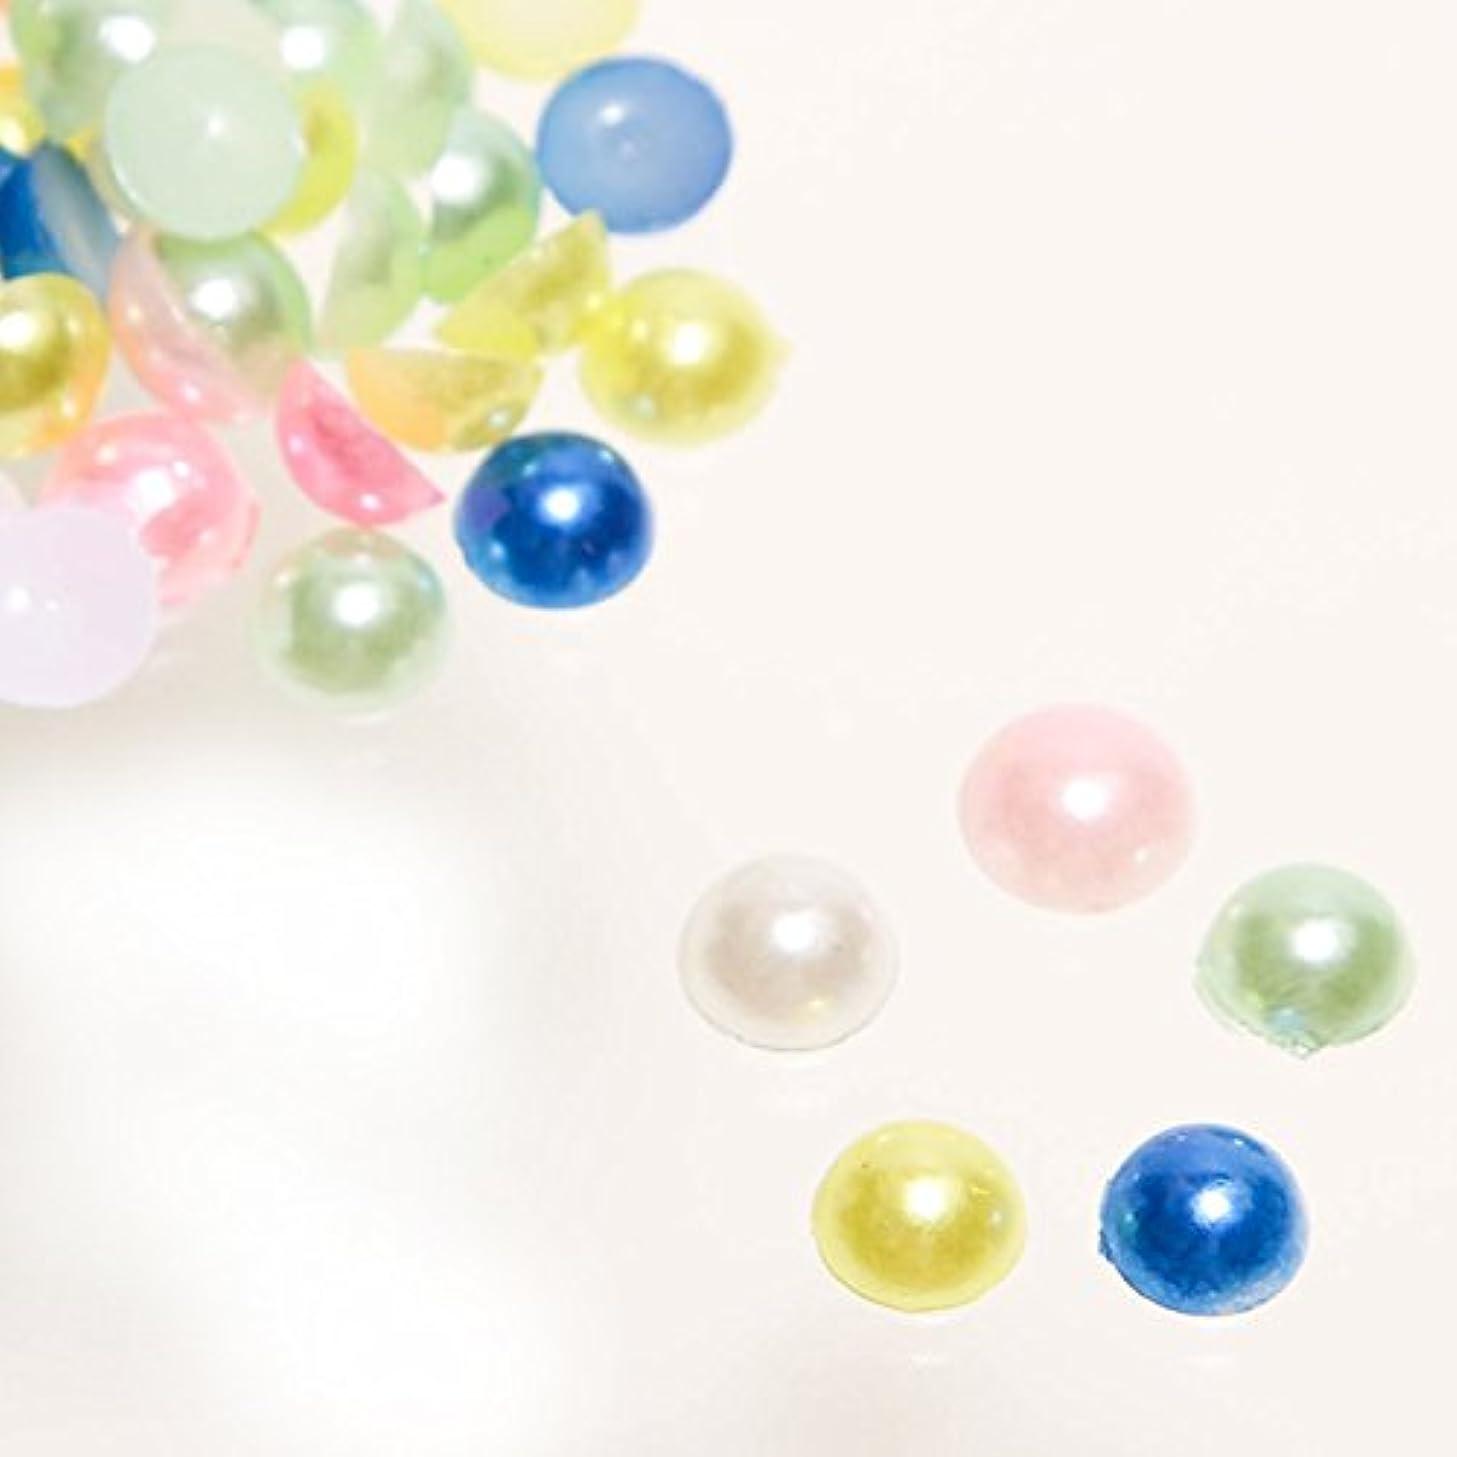 デコラティブジュラシックパーク現象パール 全色ミックス マルポコ パールストーン 半球 (サイズ選択可能)【ラインストーン77】 (6mm(200粒))